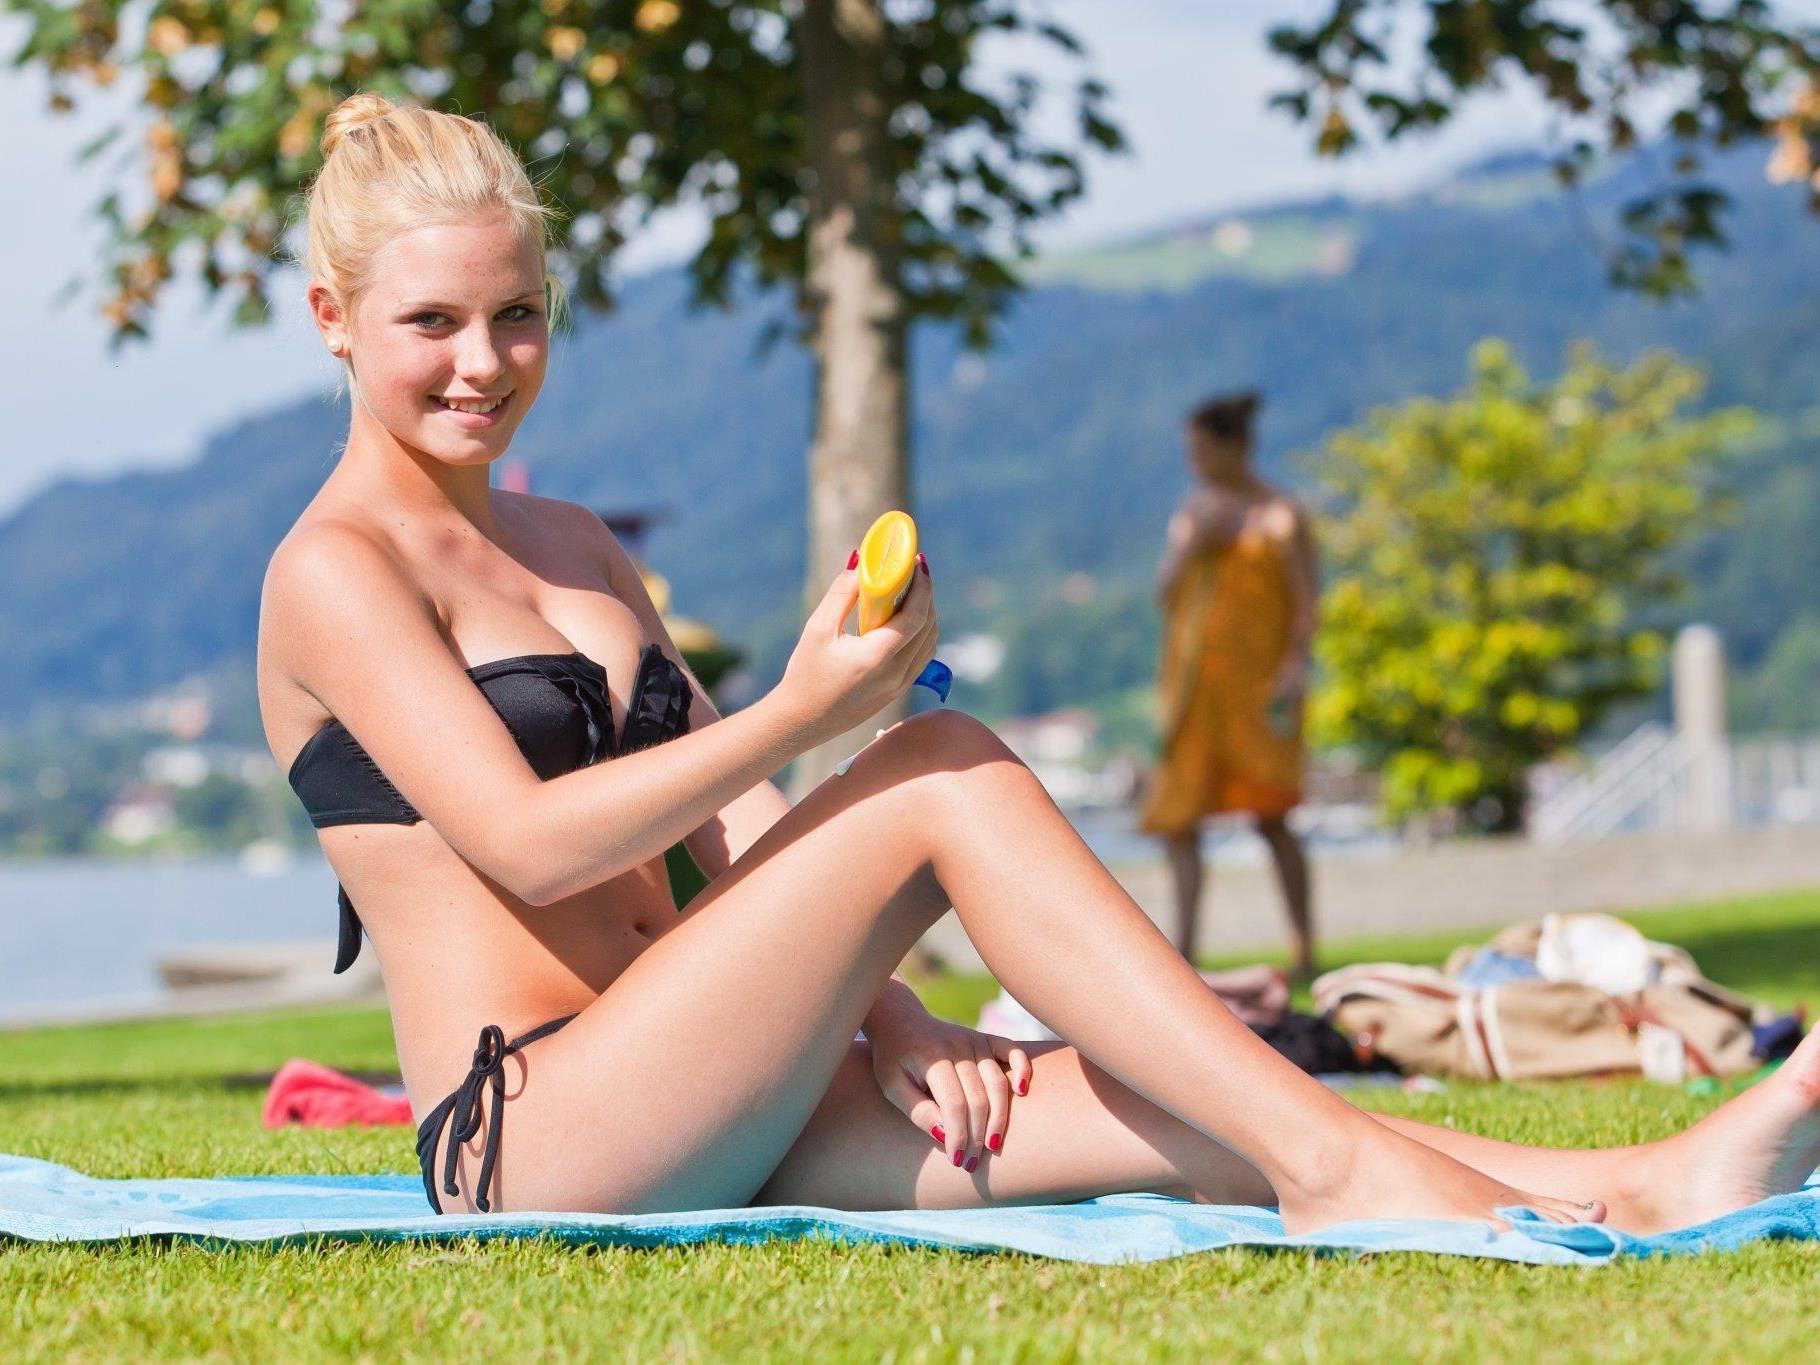 Ab 5. Mai darf im Strandbad Bregenz wieder die Sonne angebetet werden .